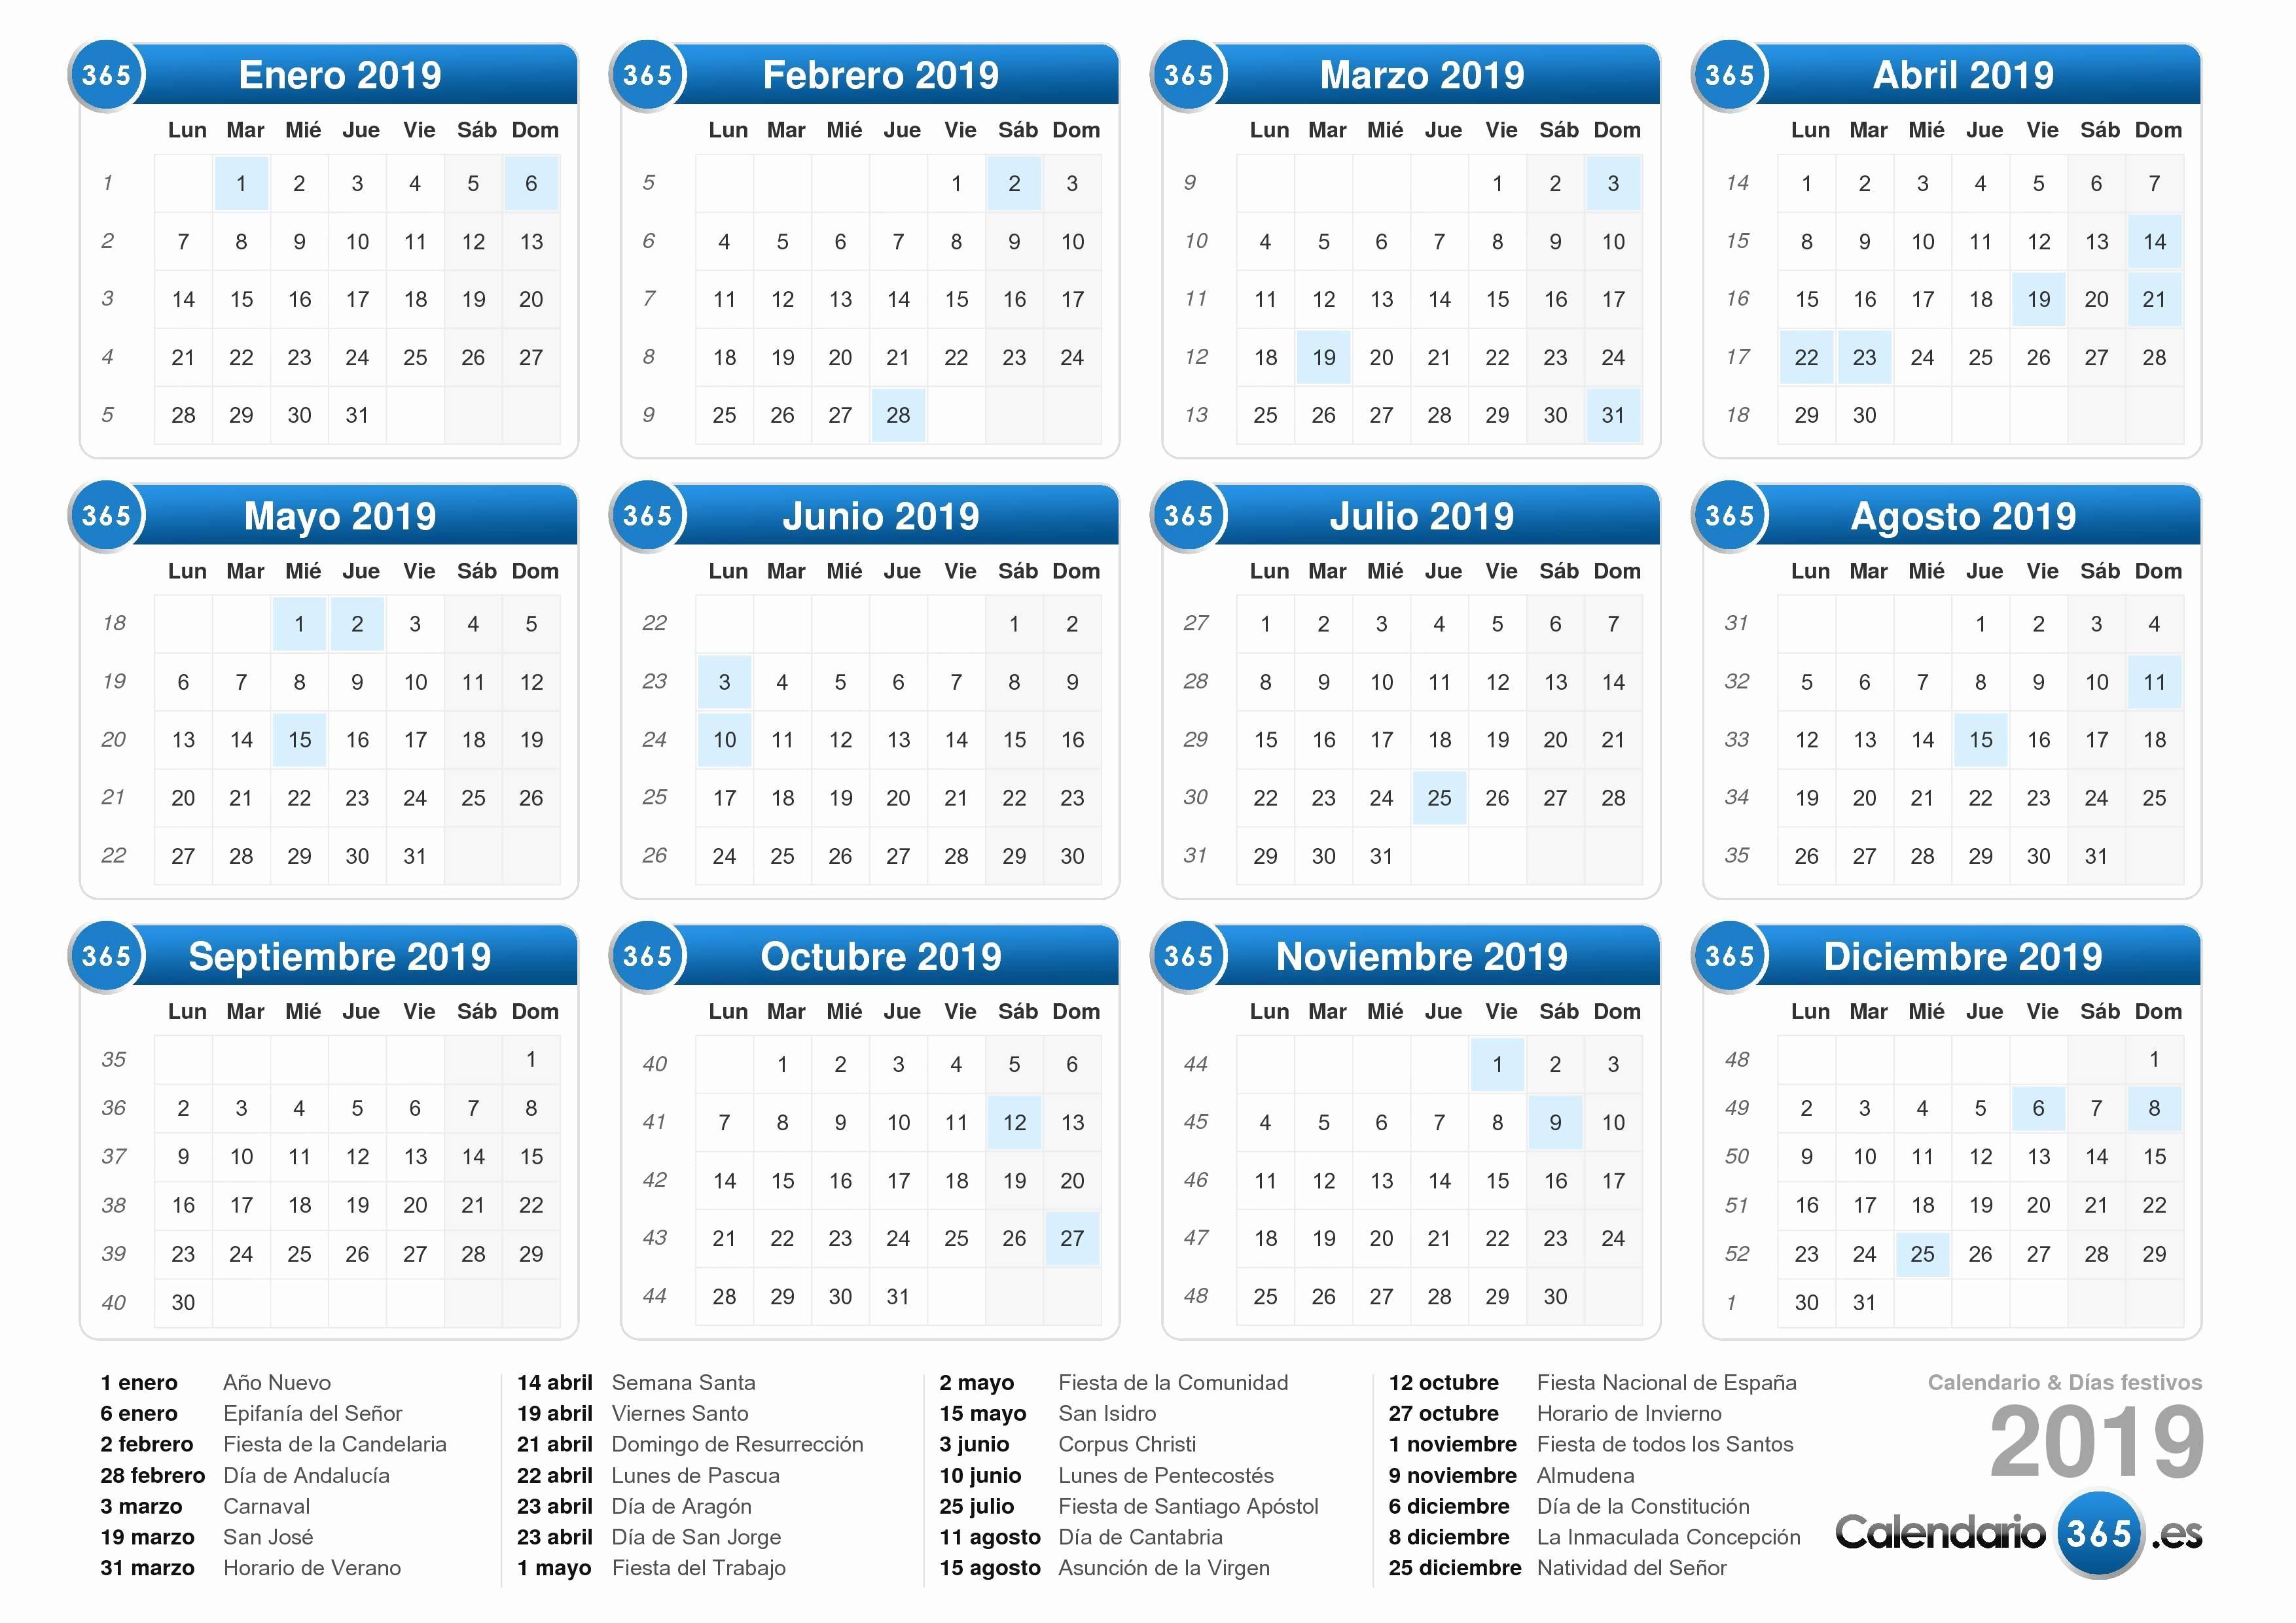 Cuandoenelmundo Calendario Argentina 2019 Actual Beautiful 43 Dise±o 13 De Octubre De 2019 Of Cuandoenelmundo Calendario Argentina 2019 Más Arriba-a-fecha Bigdata News